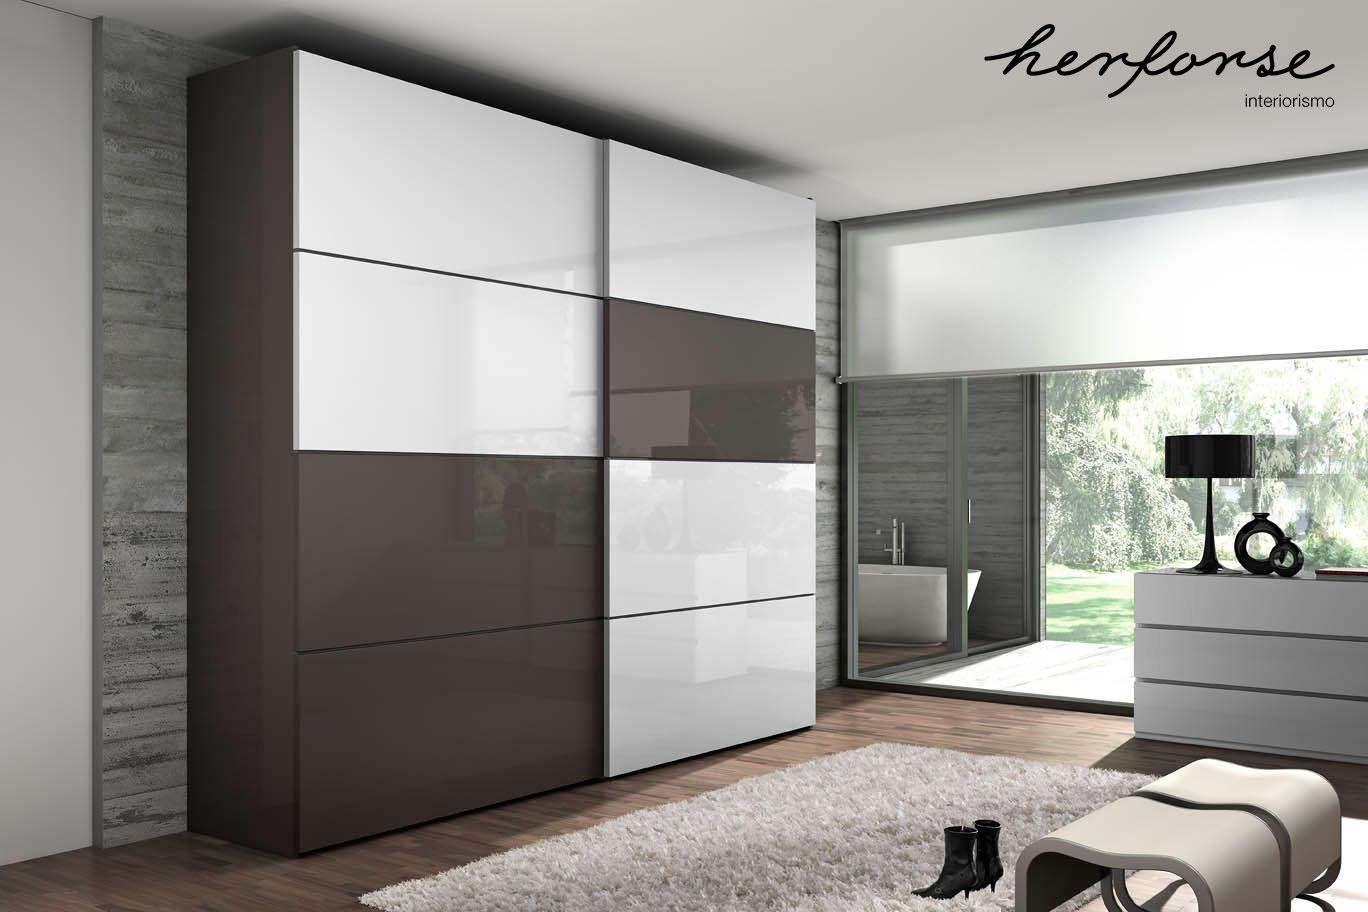 Puertas correderas armarios y vestidores - Armarios modernos para dormitorios ...